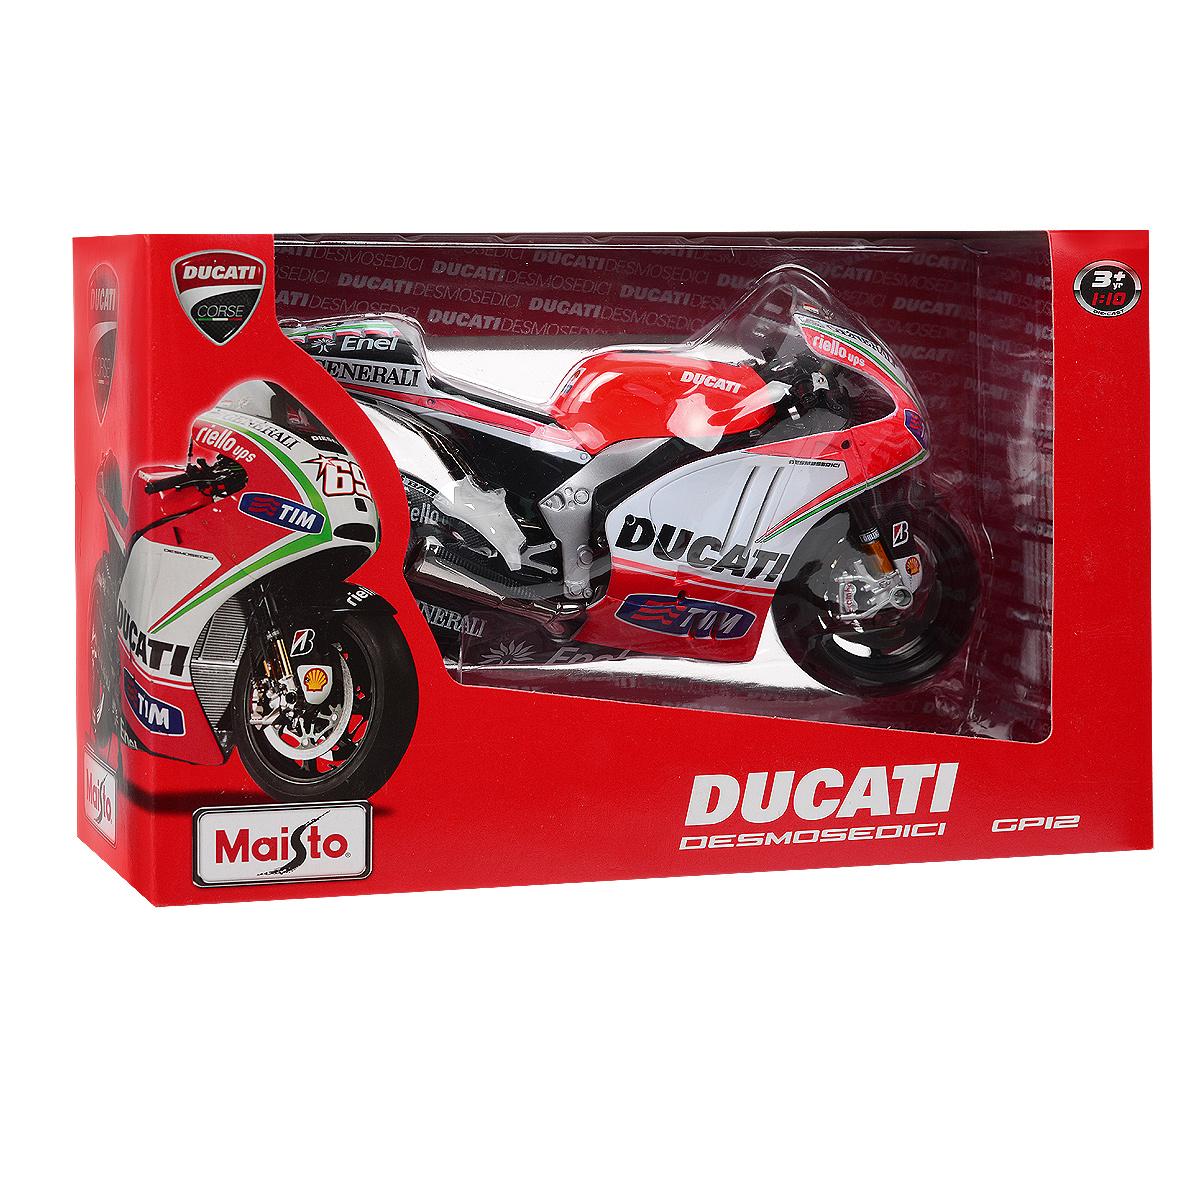 Maisto ������ ��������� Ducati Demosedici 2012